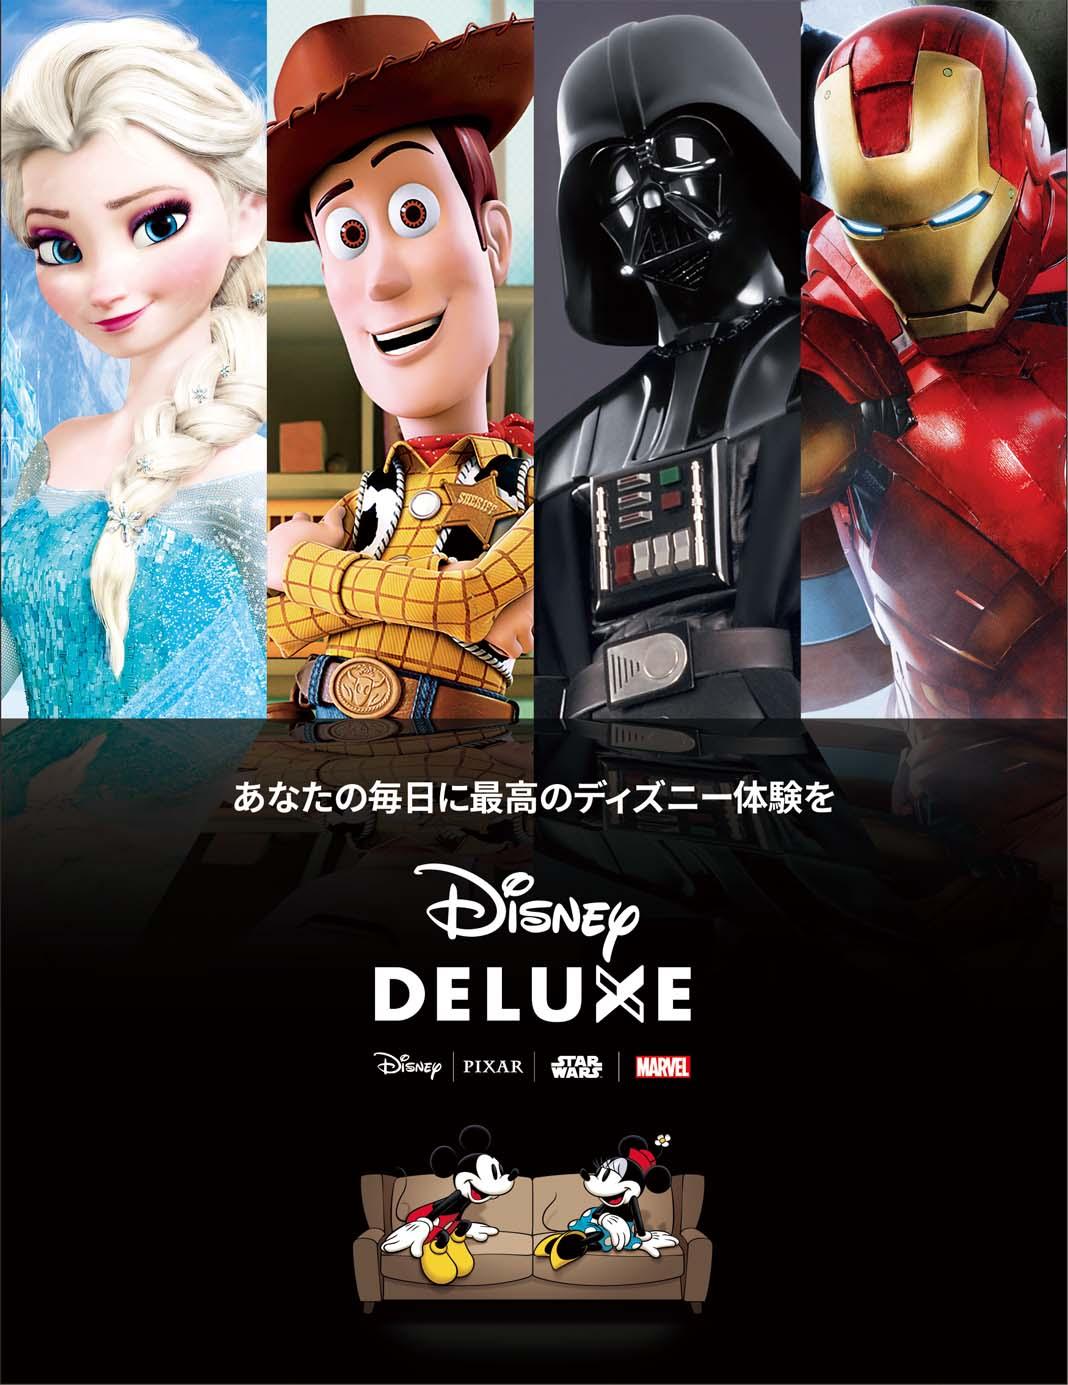 Disney DELUXE ディズニーデラックス